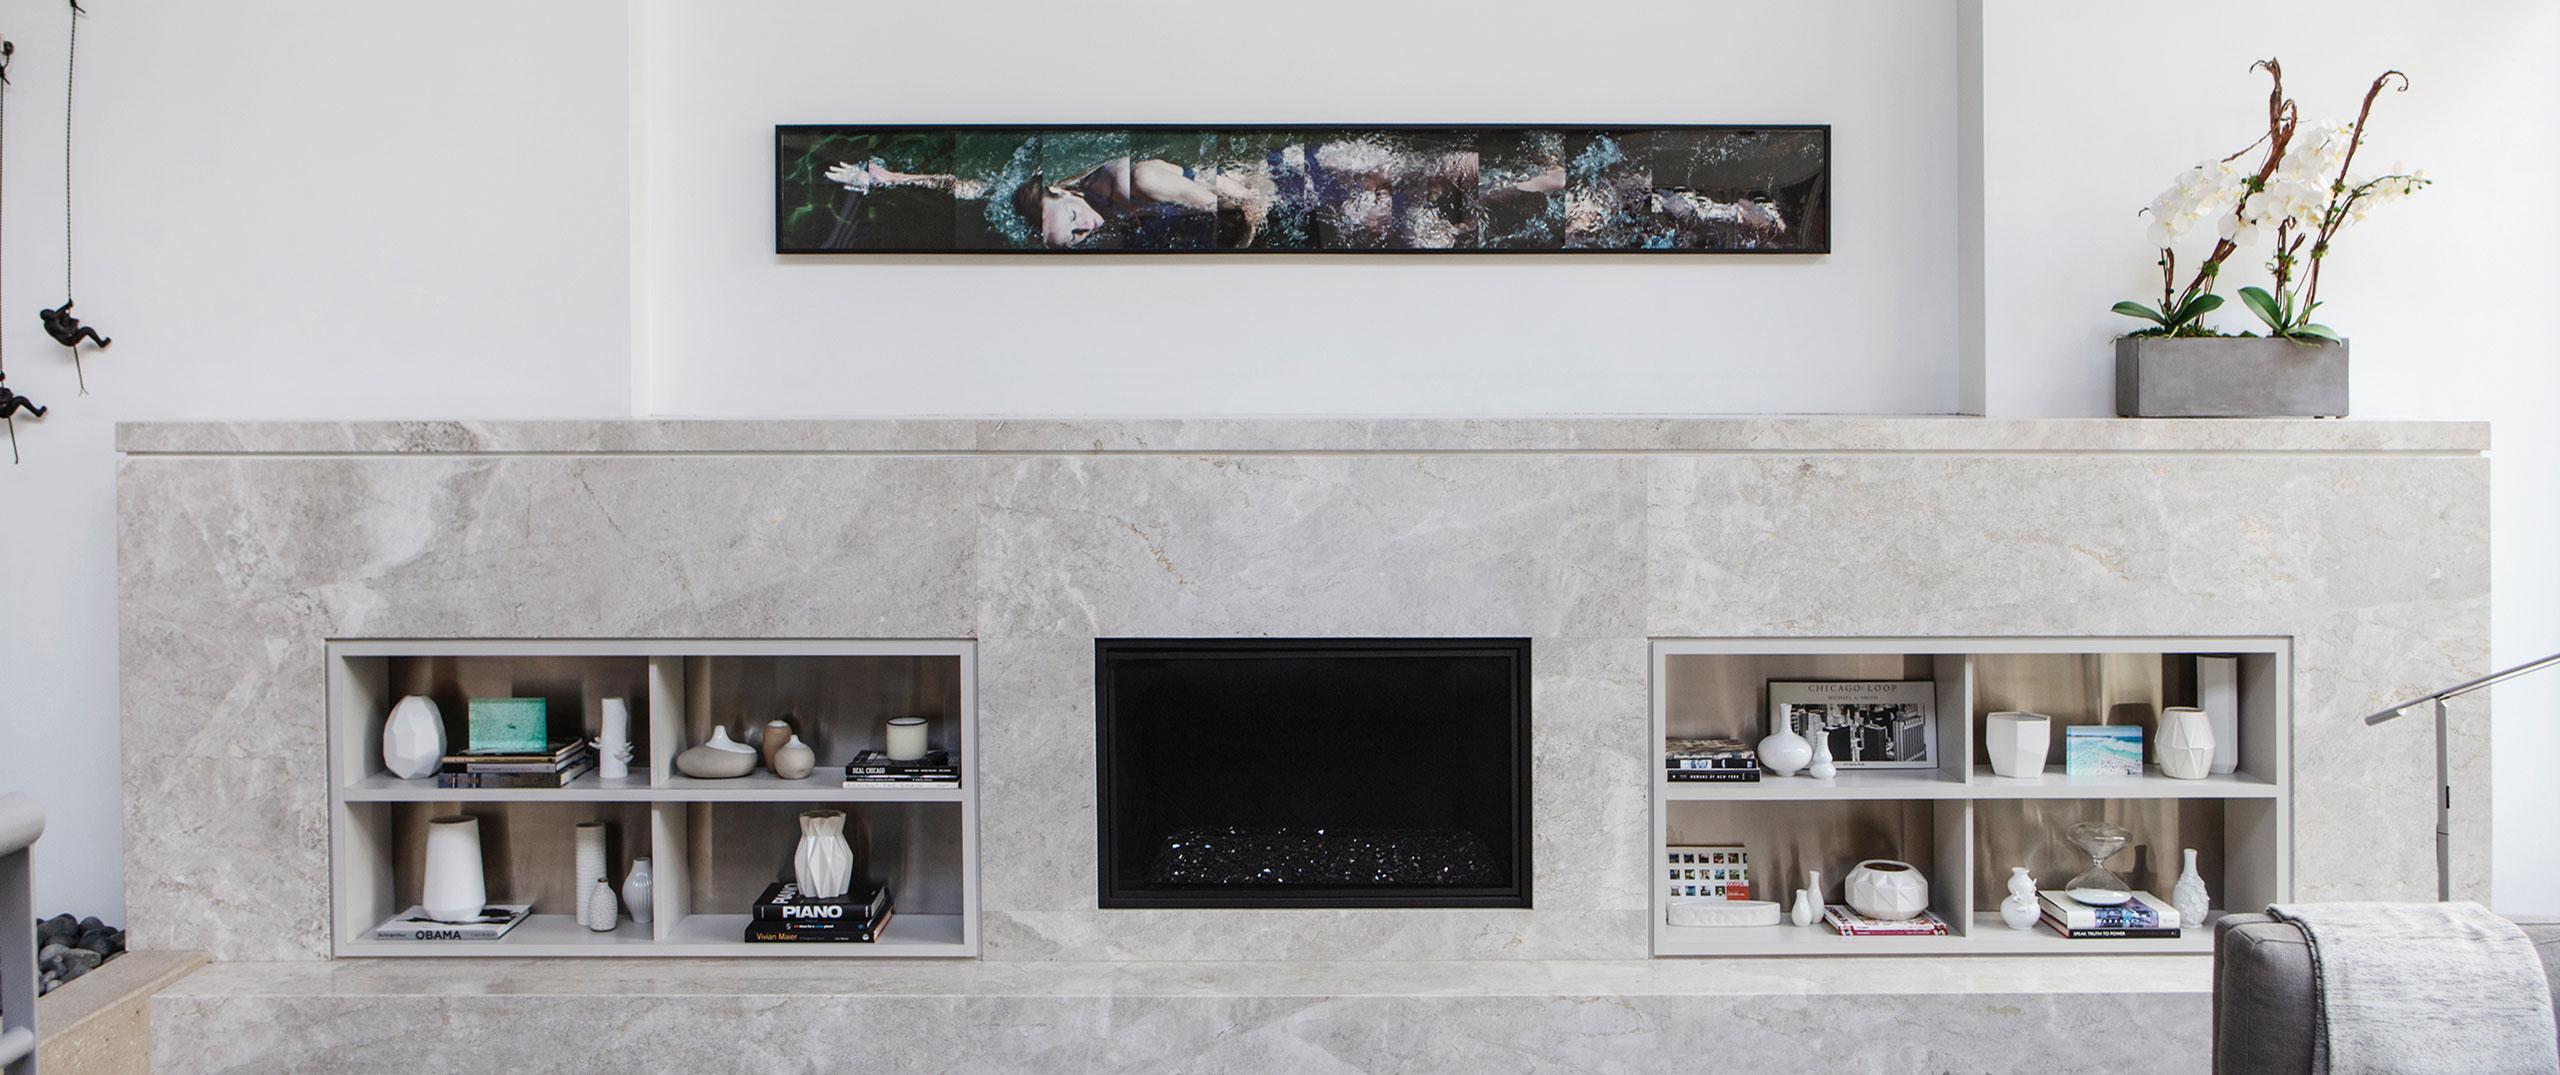 A sleek, modern granite fireplace